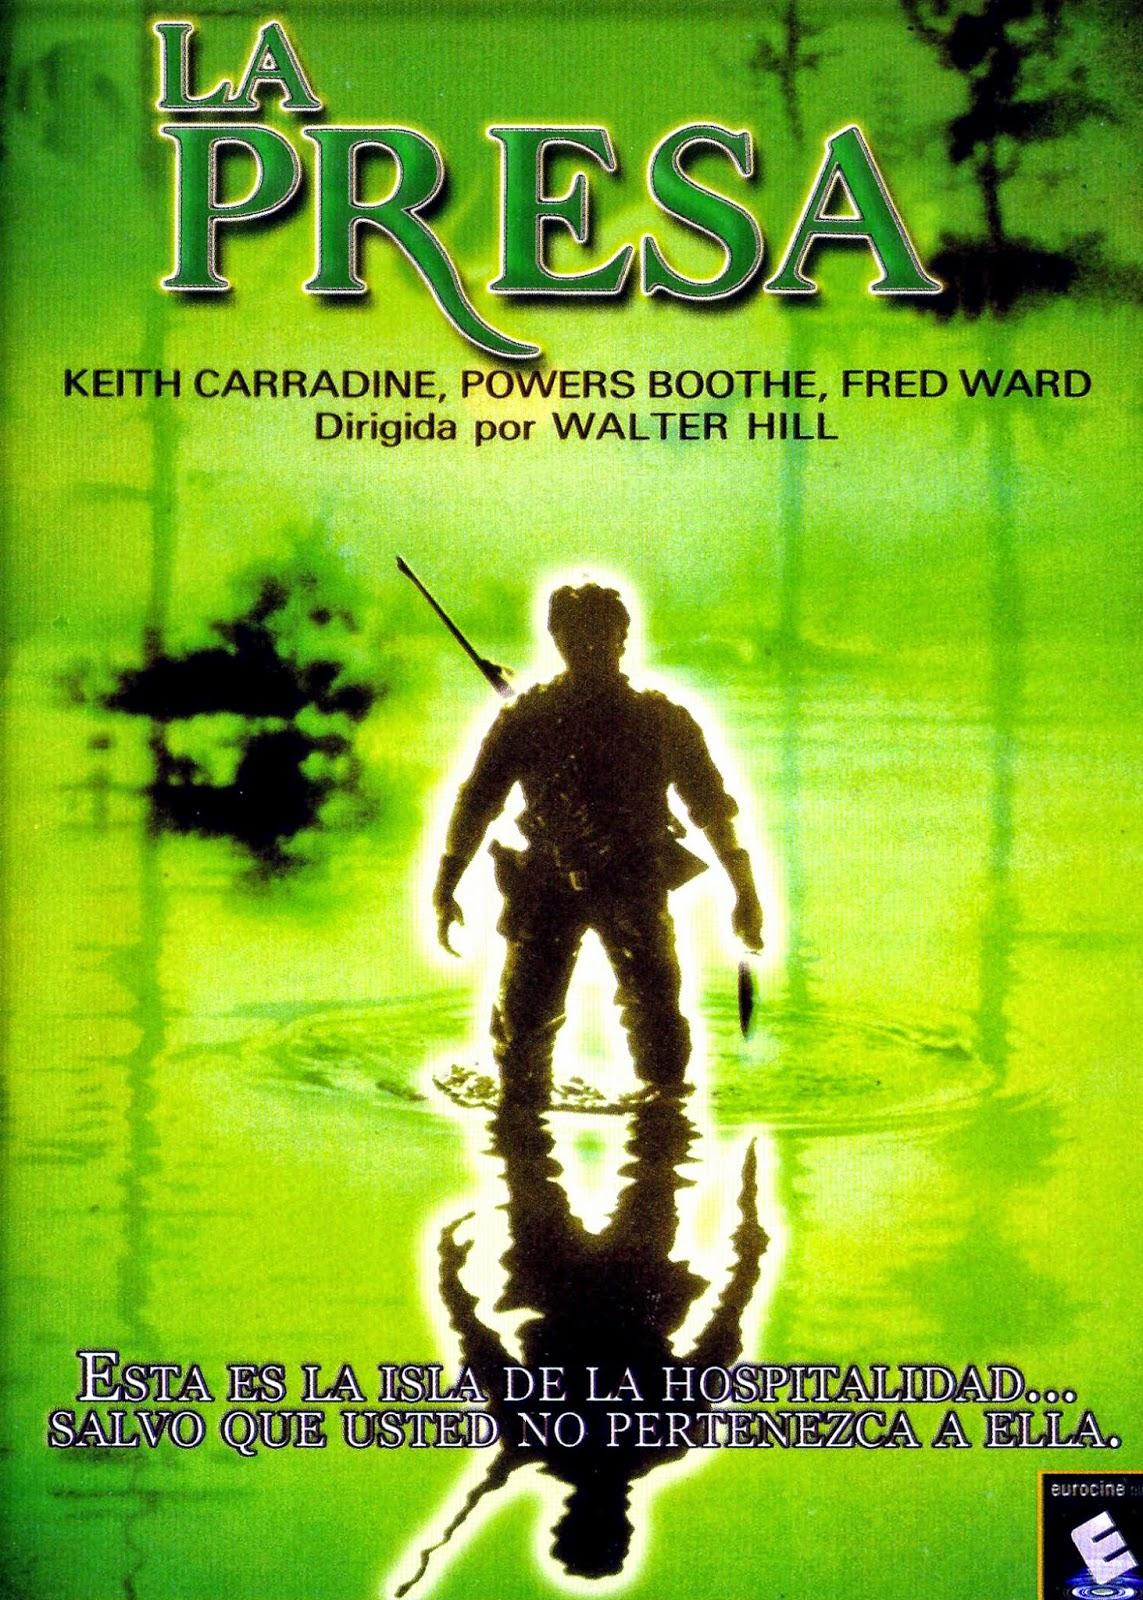 La Presa (1981)